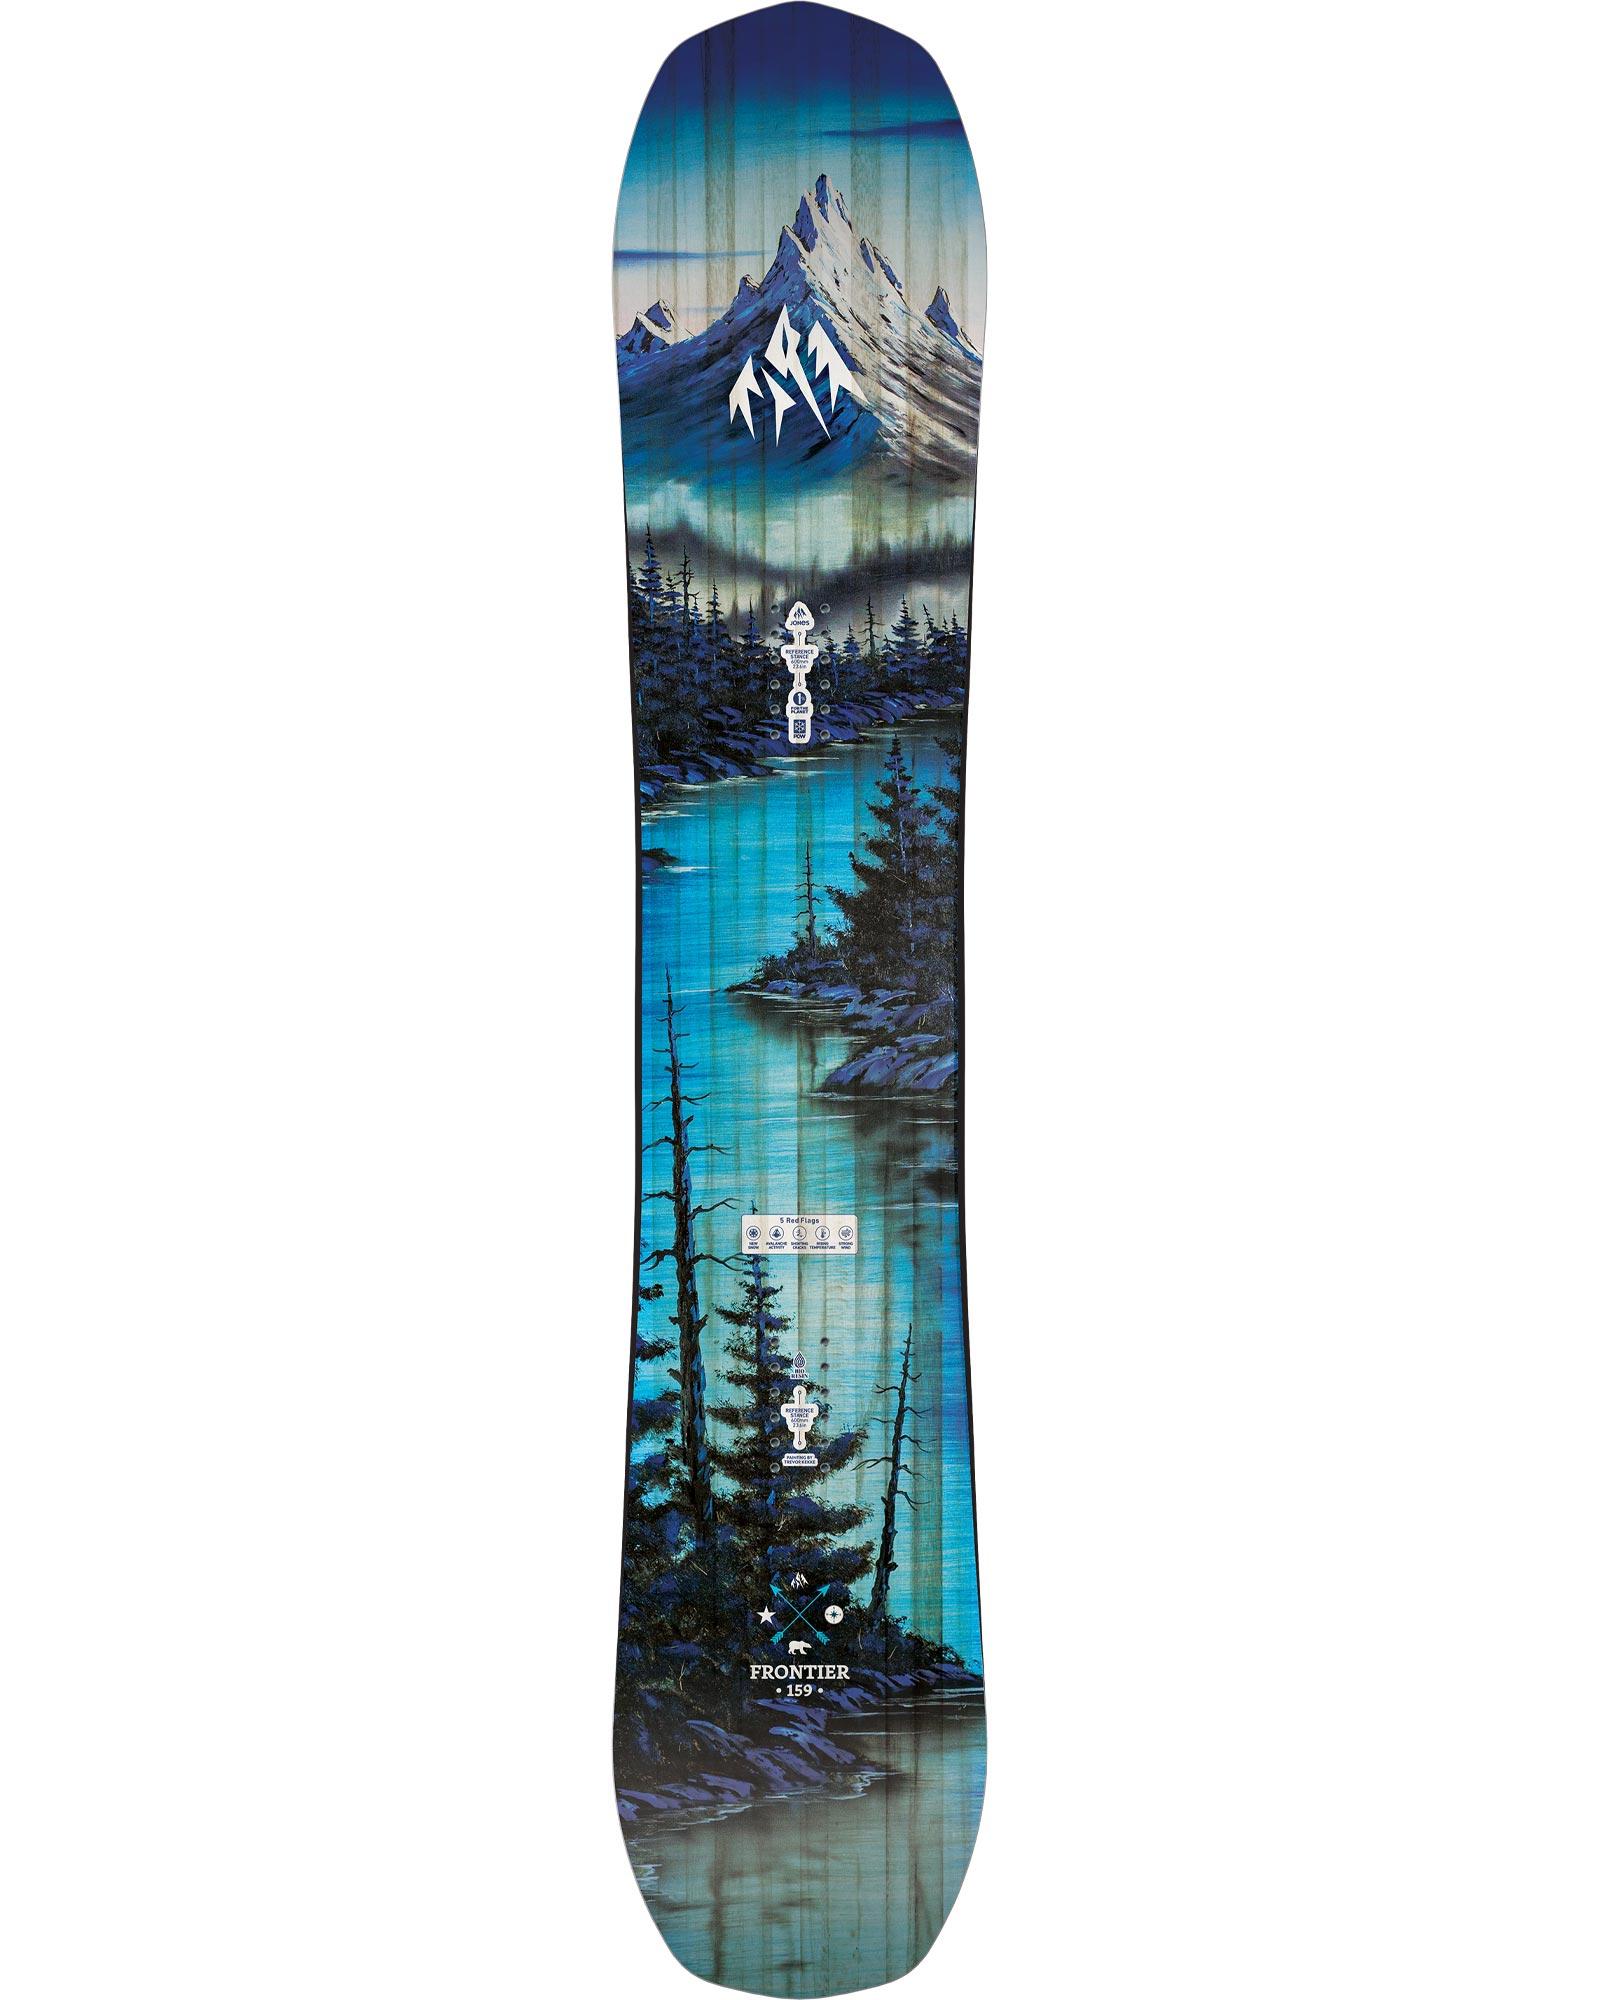 Jones Frontier Snowboard 2021 0